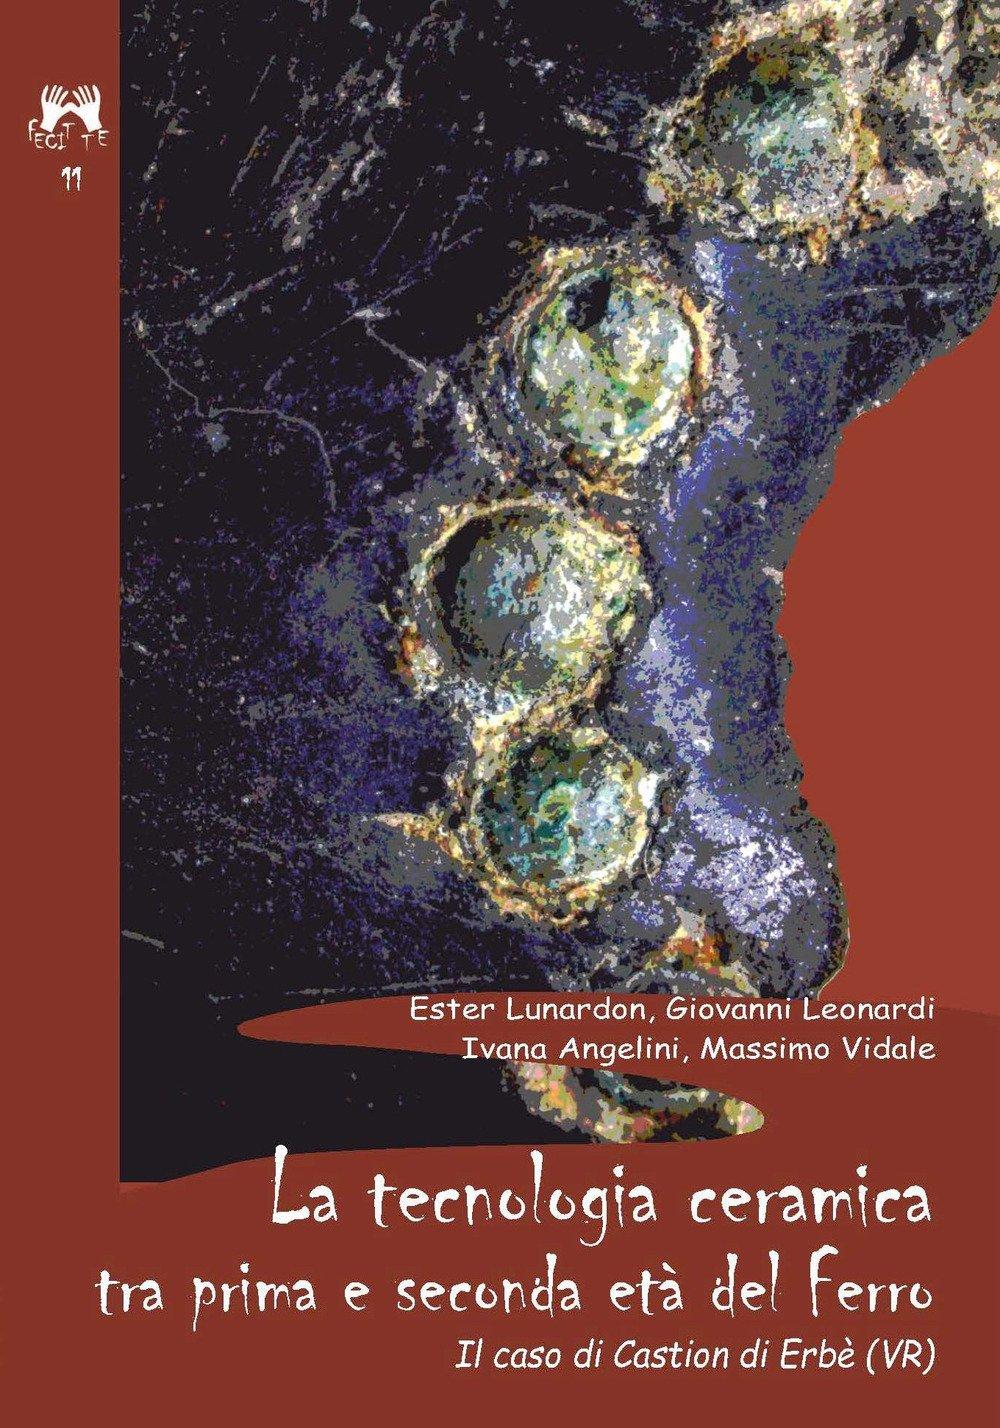 La tecnologia ceramica tra prima e seconda età del ferro. Il caso di Castion di Erbè (VR)